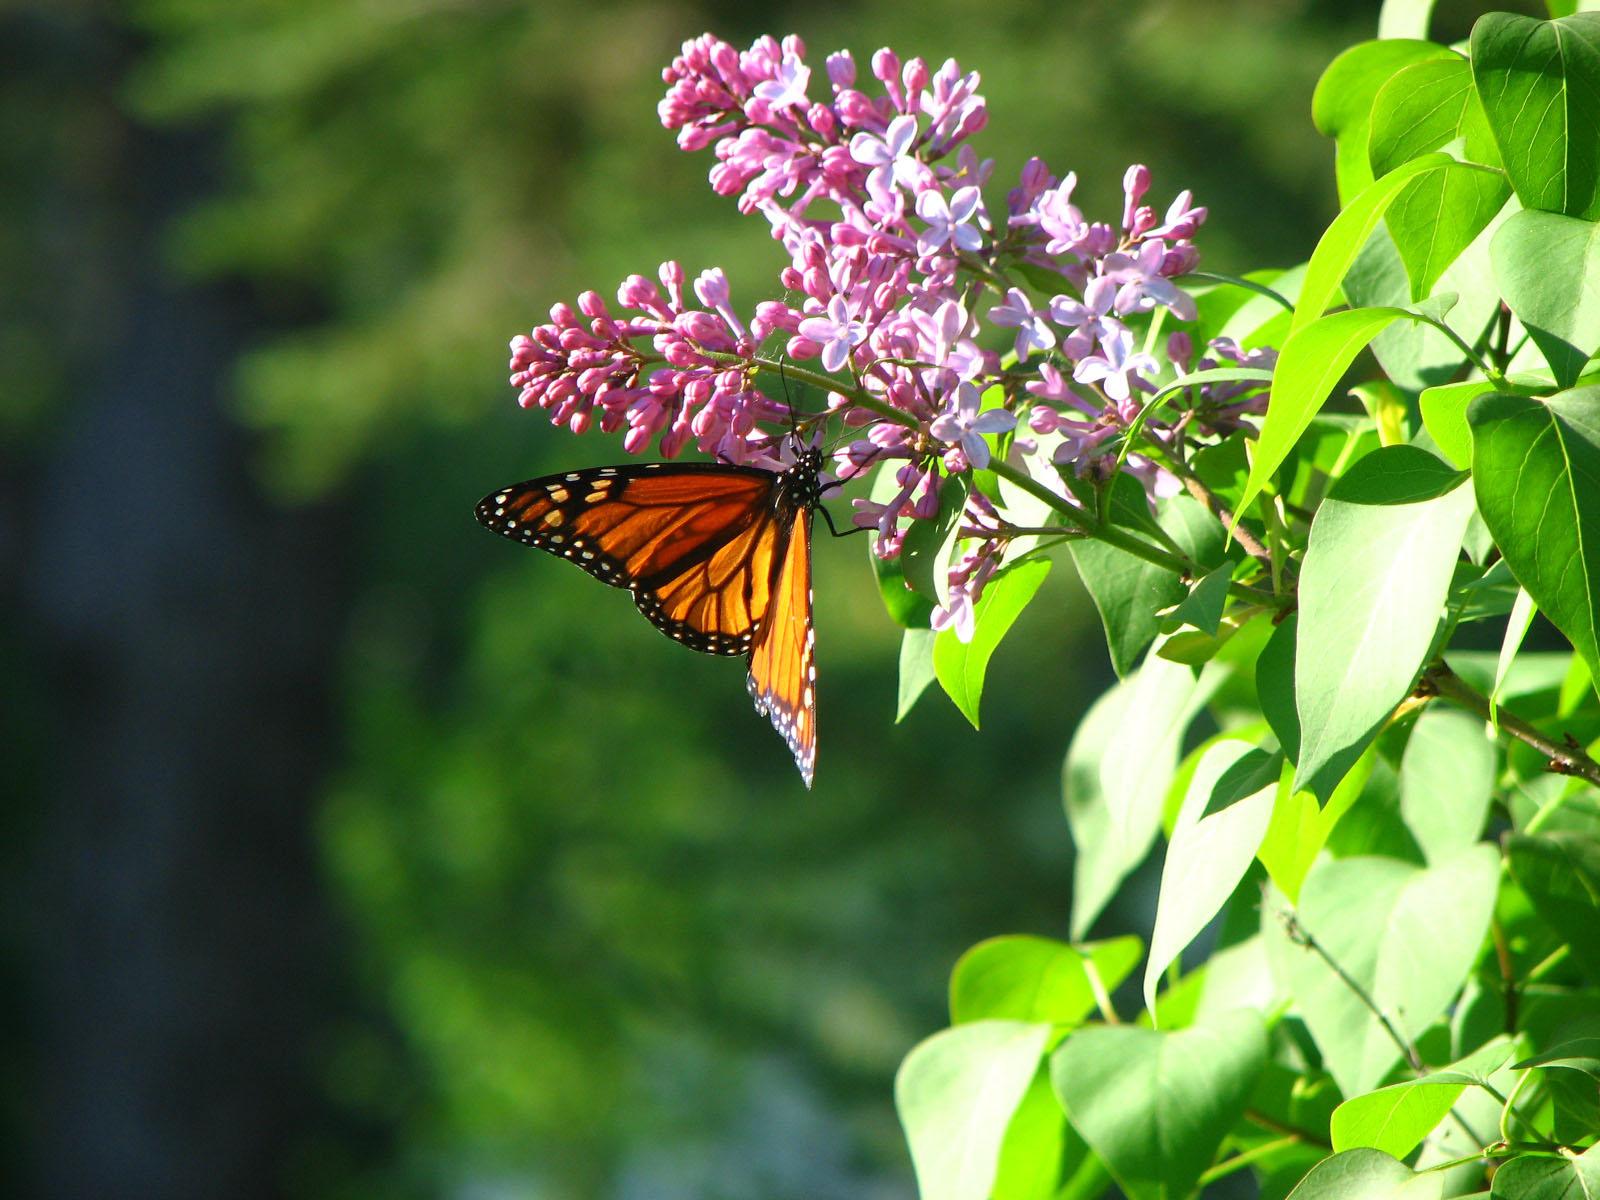 Butterfly Hd Free Wallpapers Spring Season Free Hd Hd Wallpaper